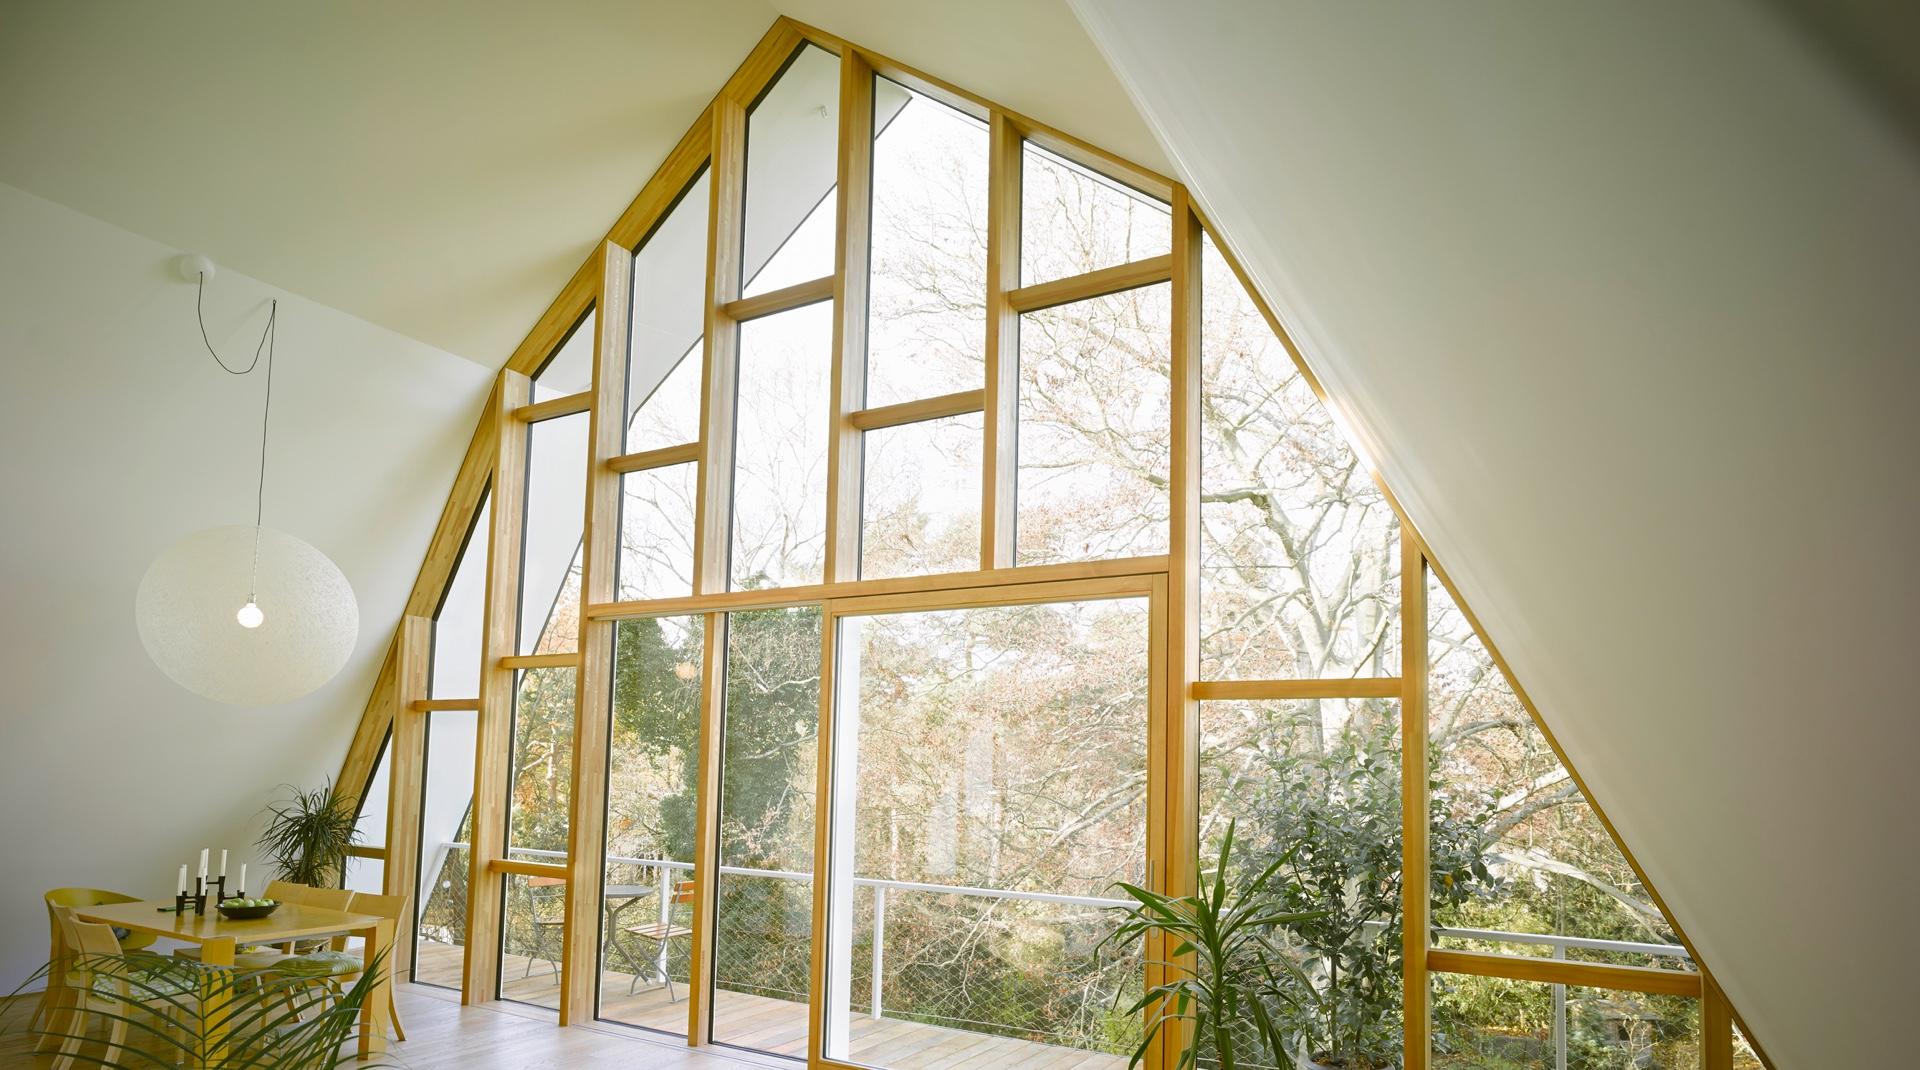 Gründerzeitvilla mit Dacherweiterung: große Fensterfront aus Glas